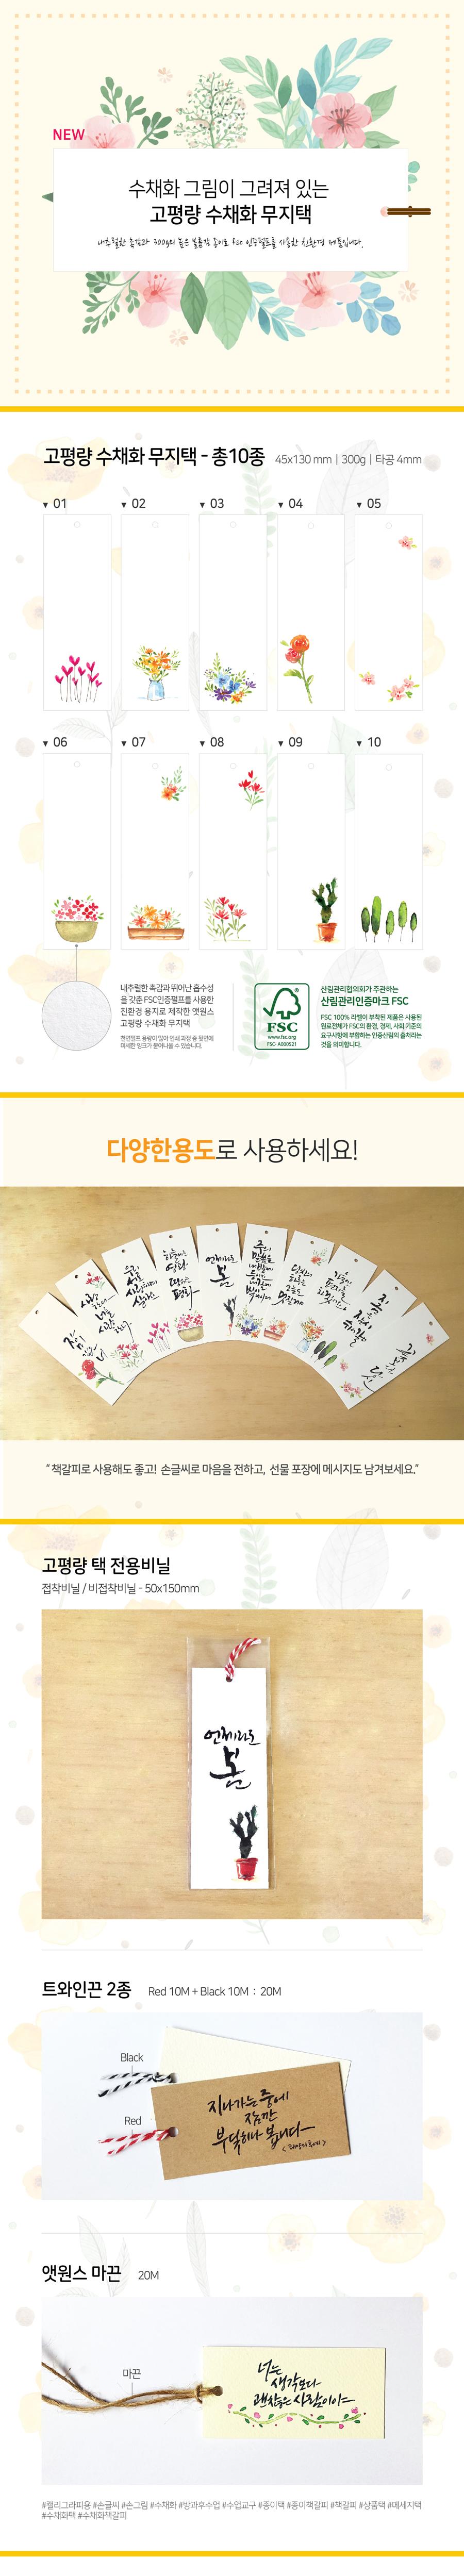 캘리그라피용 고평량 수채화플라워 무지택(20매) - 캘리하우스, 2,000원, 엽서, 심플